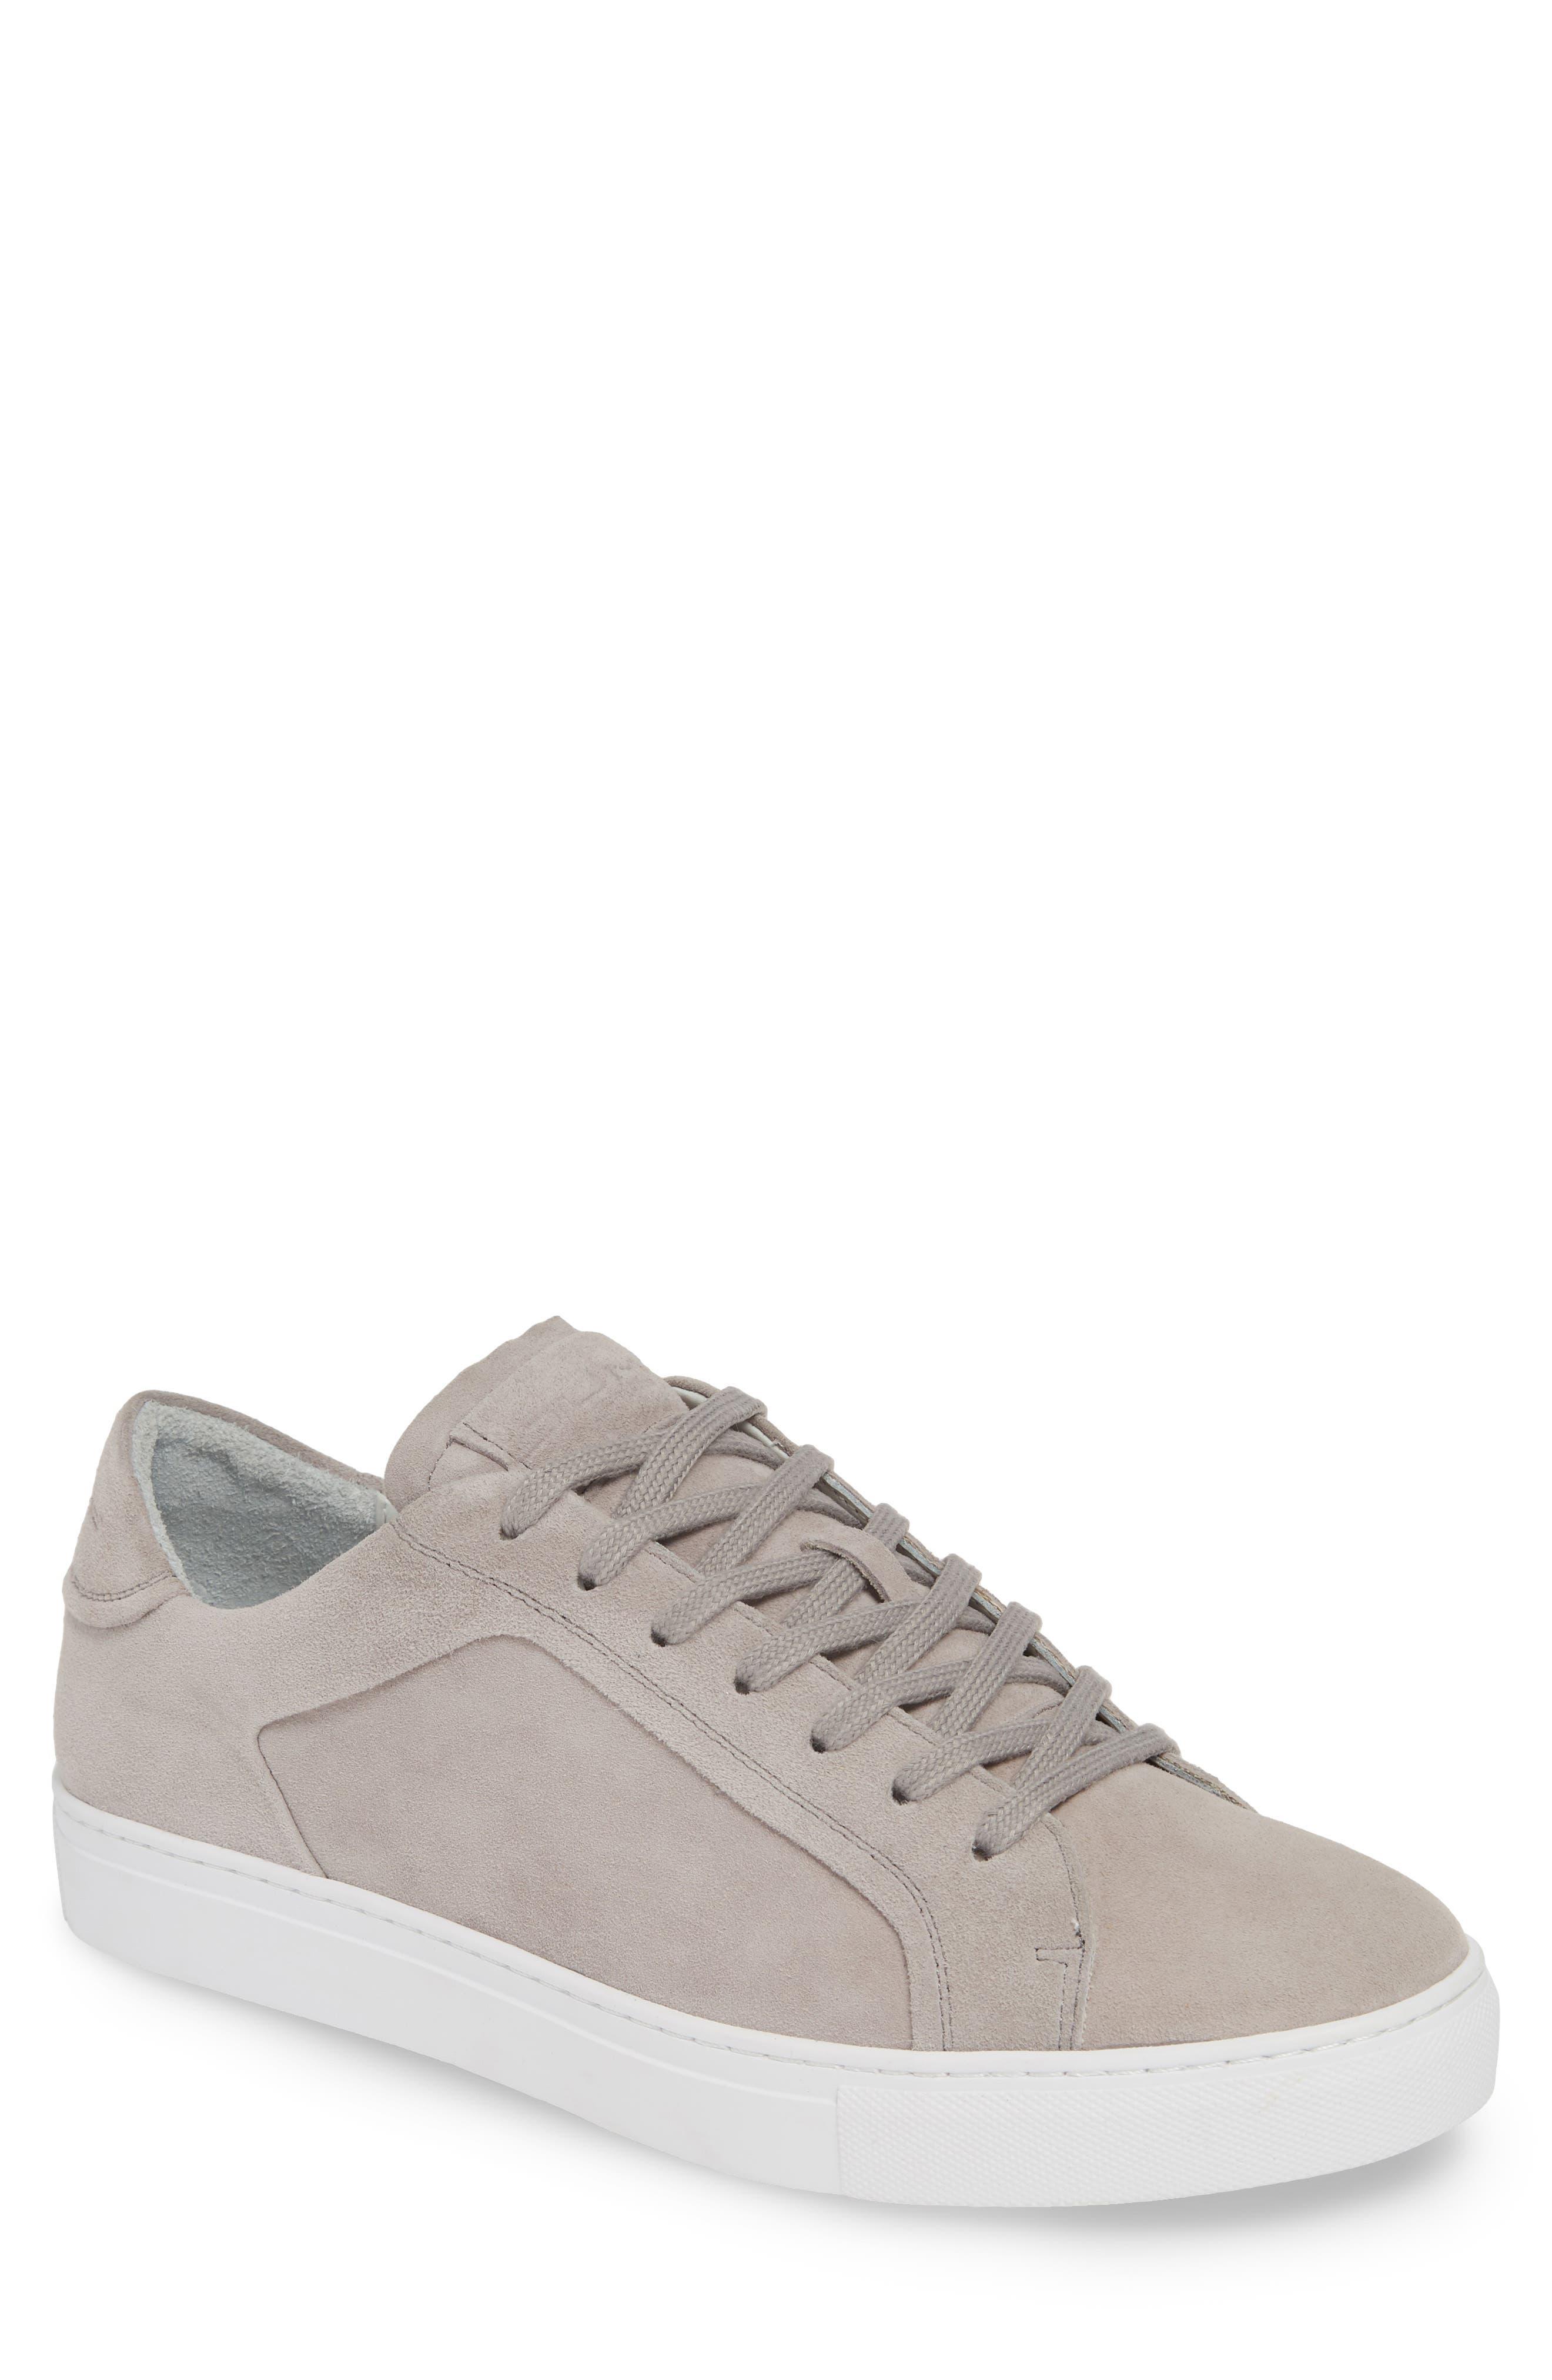 JUMP, Bloke Sneaker, Main thumbnail 1, color, GREY SUEDE